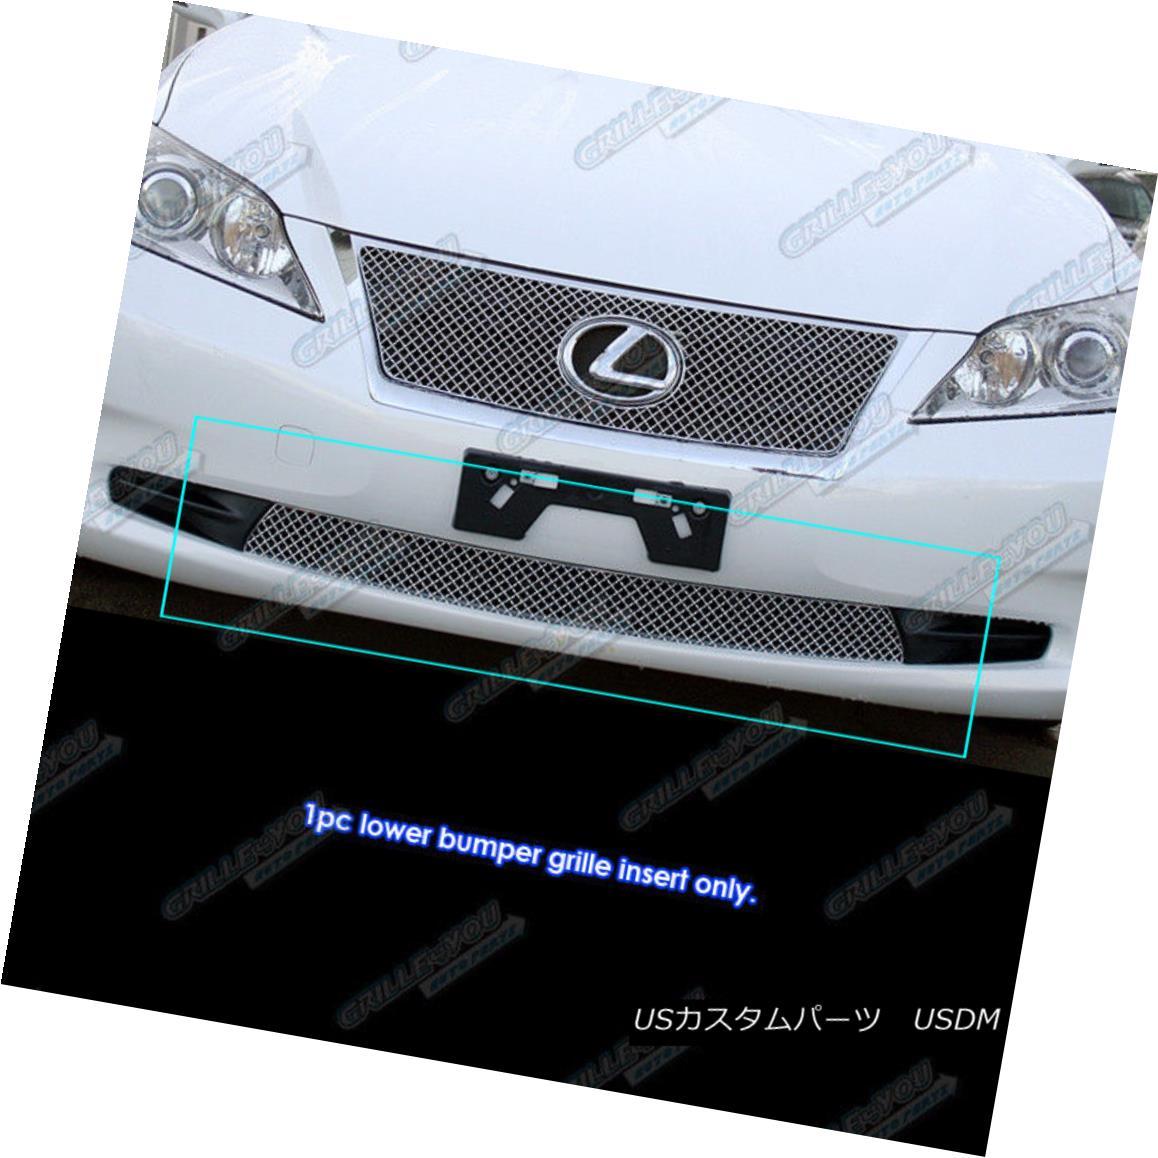 グリル Fits 2010-2012 Lexus E350 Stainless Steel X Mesh Lower Bumper Grille Insert フィット2010-2012レクサスE350ステンレス鋼Xメッシュロワーバンパーグリルインサート